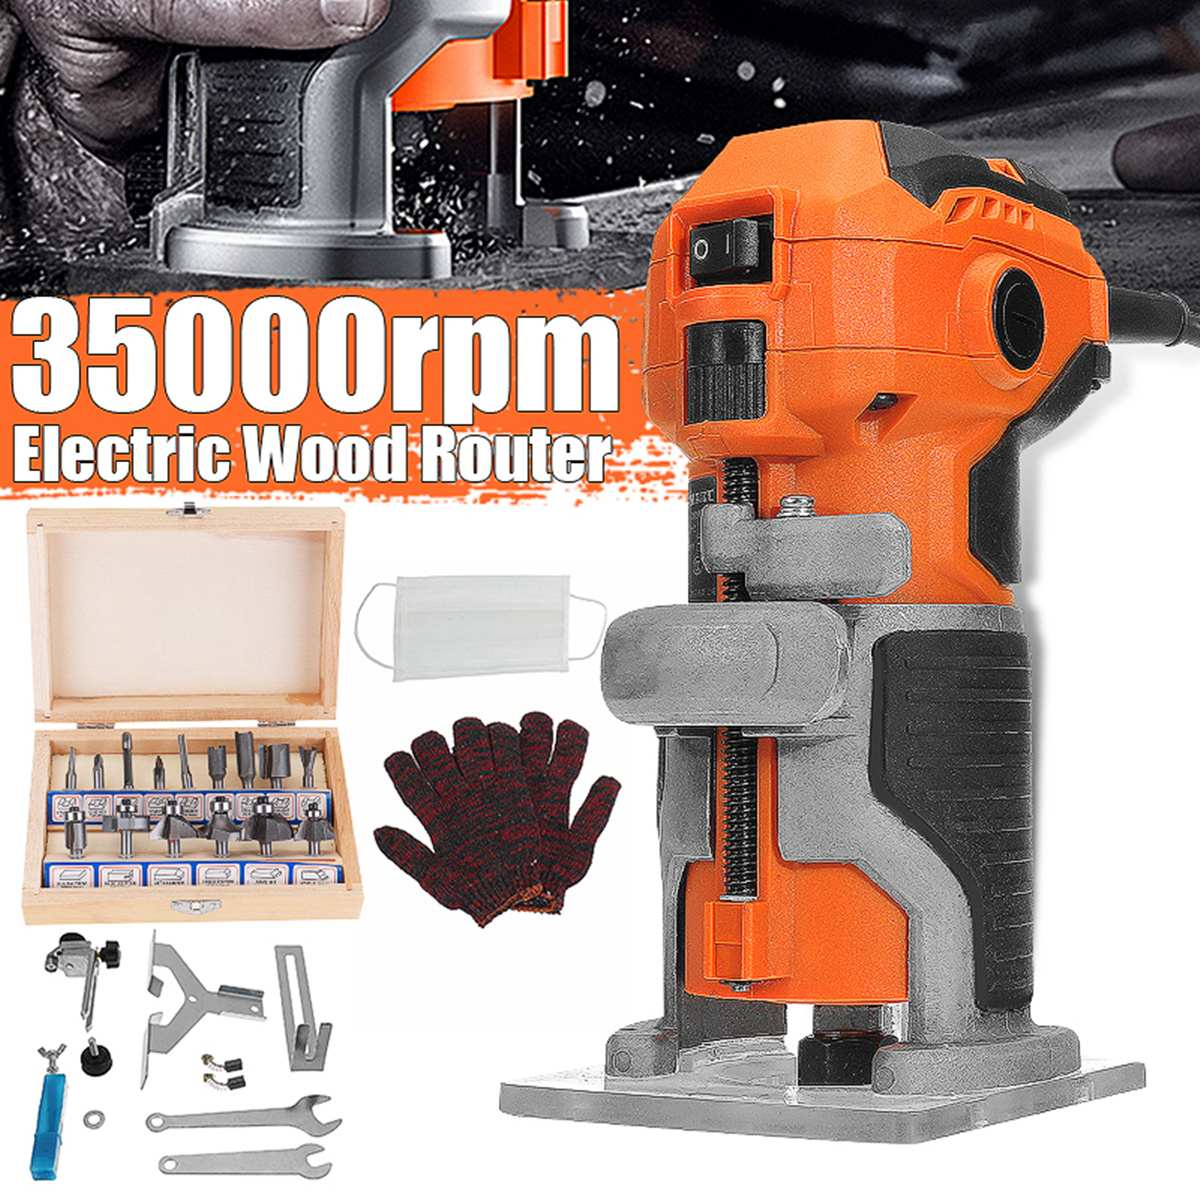 220 В электрический триммер 1280 Вт 35000р/мин триммер для дерева электро инструменты фрезерный станок для древесины для столяров Реноватор Деревообработка|Электрические триммеры|   | АлиЭкспресс